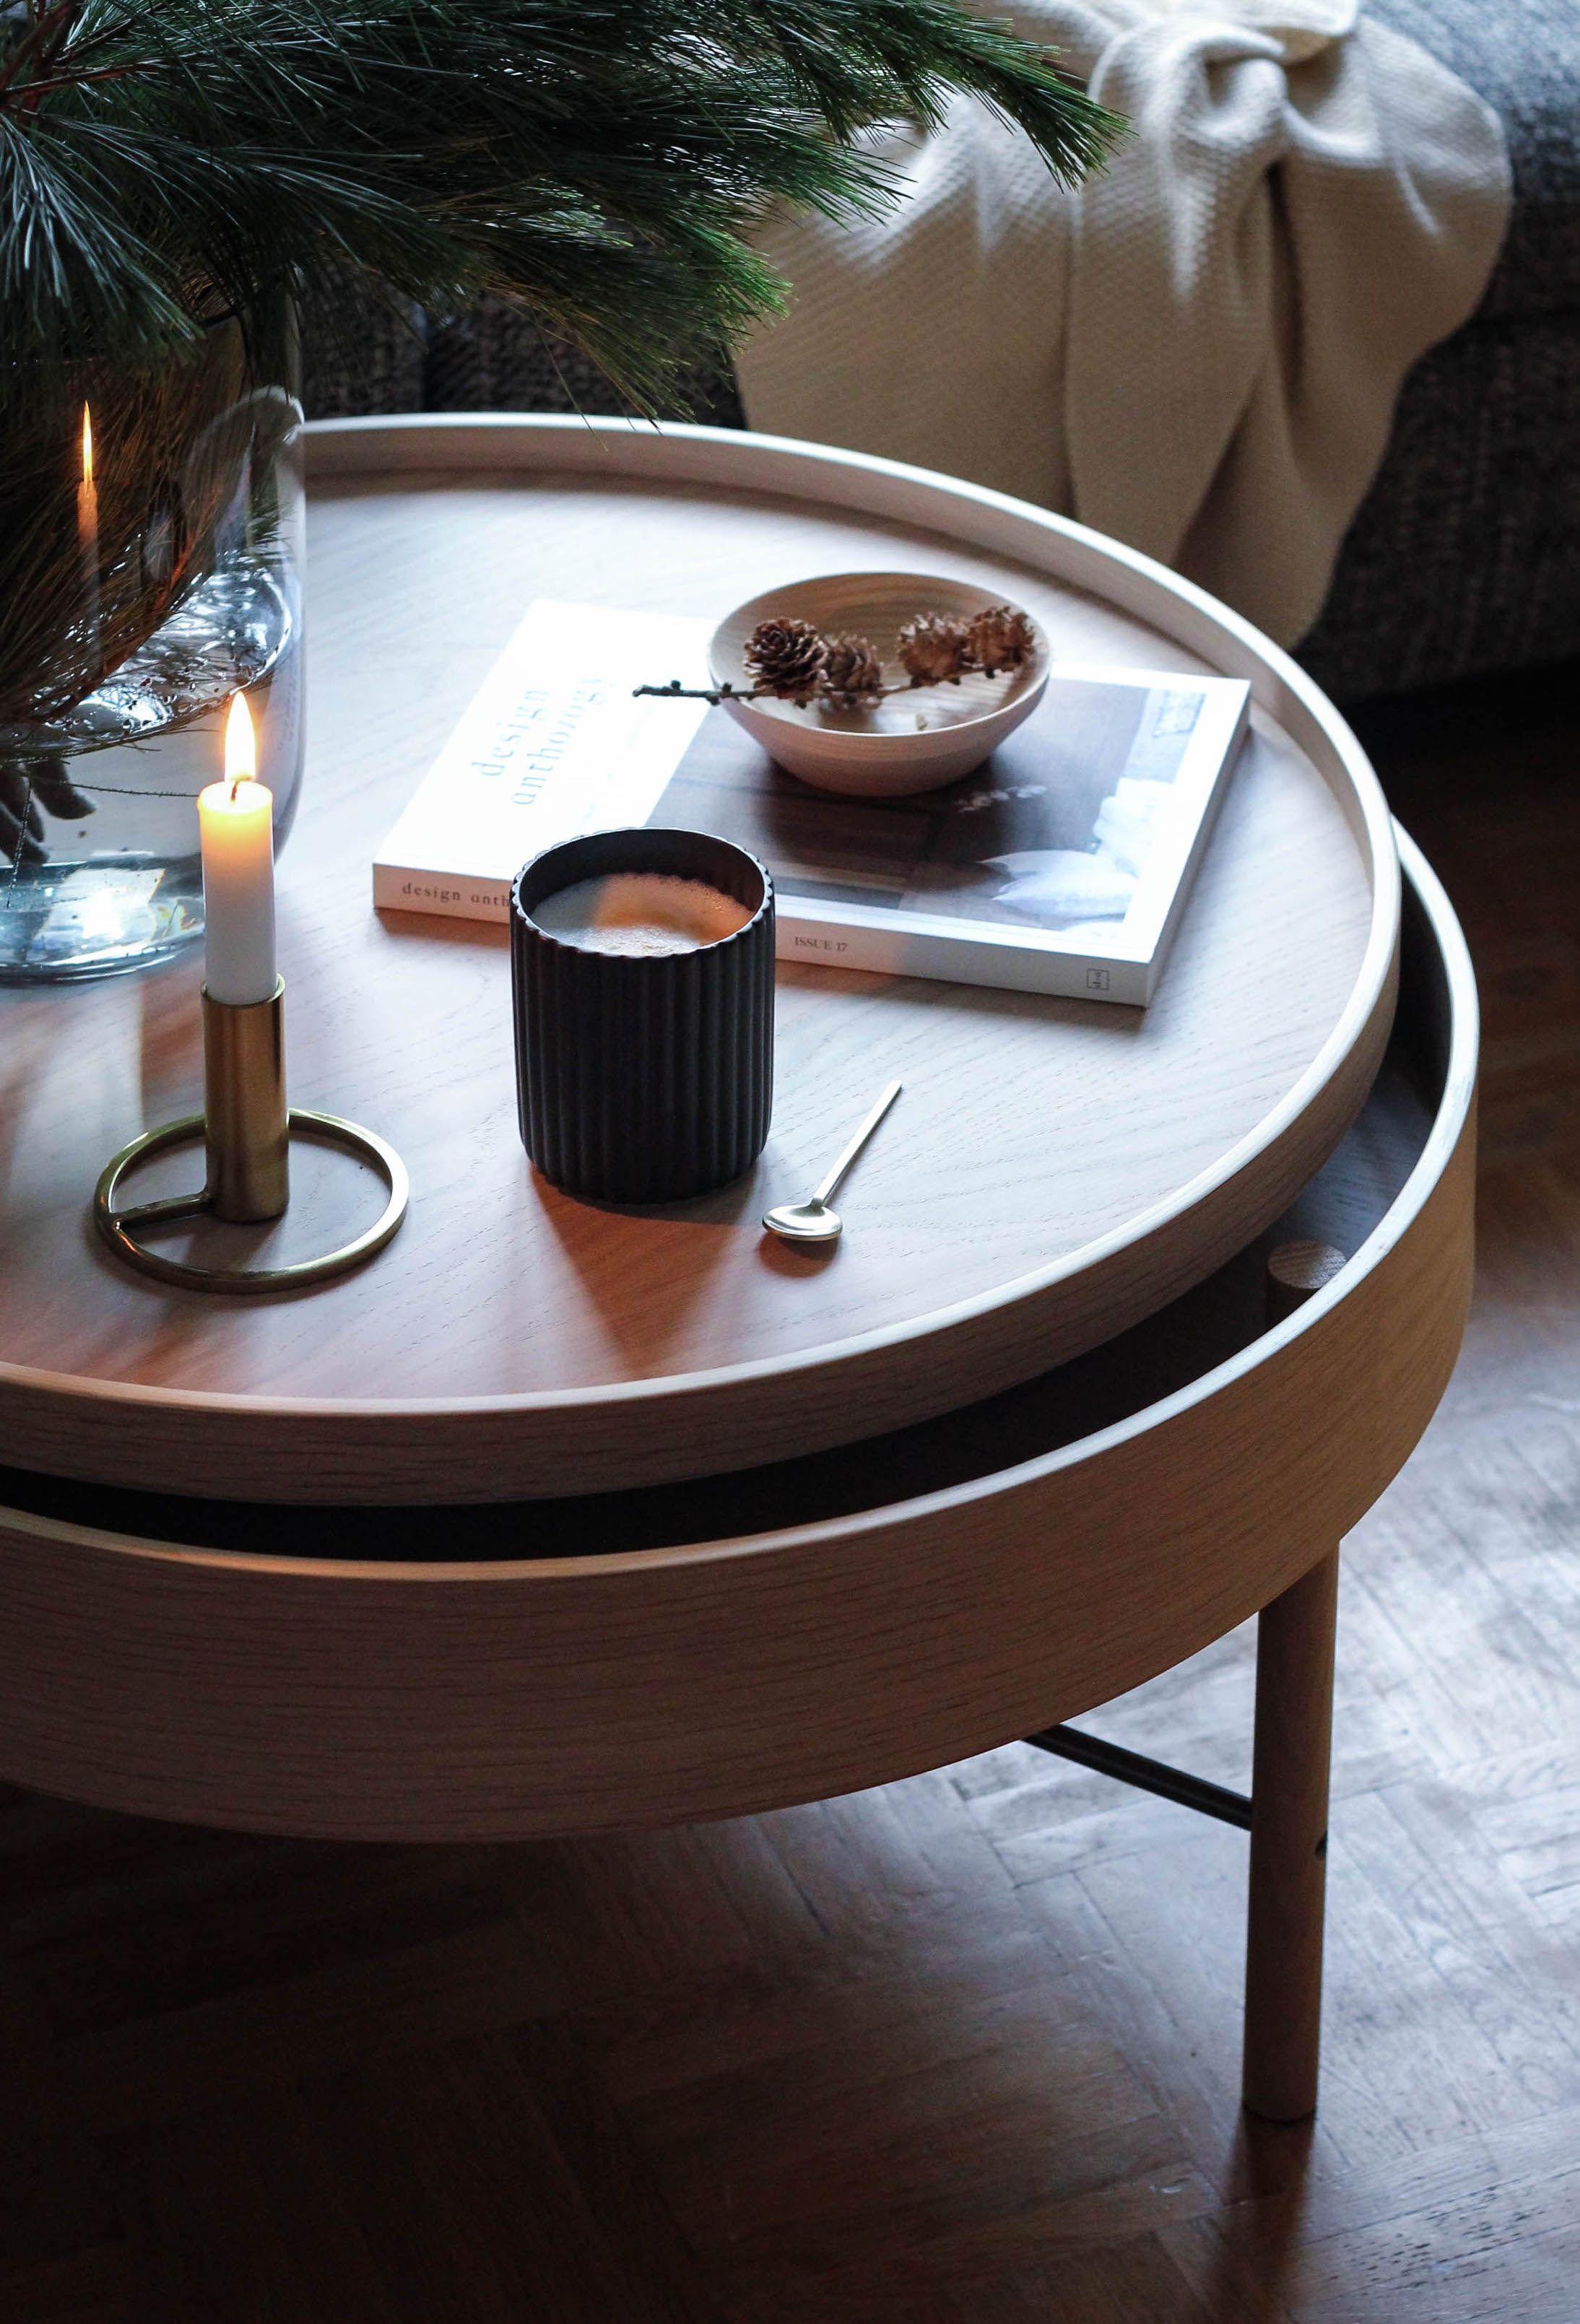 Couchtisch Aus Holz Turning Table Von Menu Couchtisch Couchtisch Skandinavisch Couchtisch Stauraum